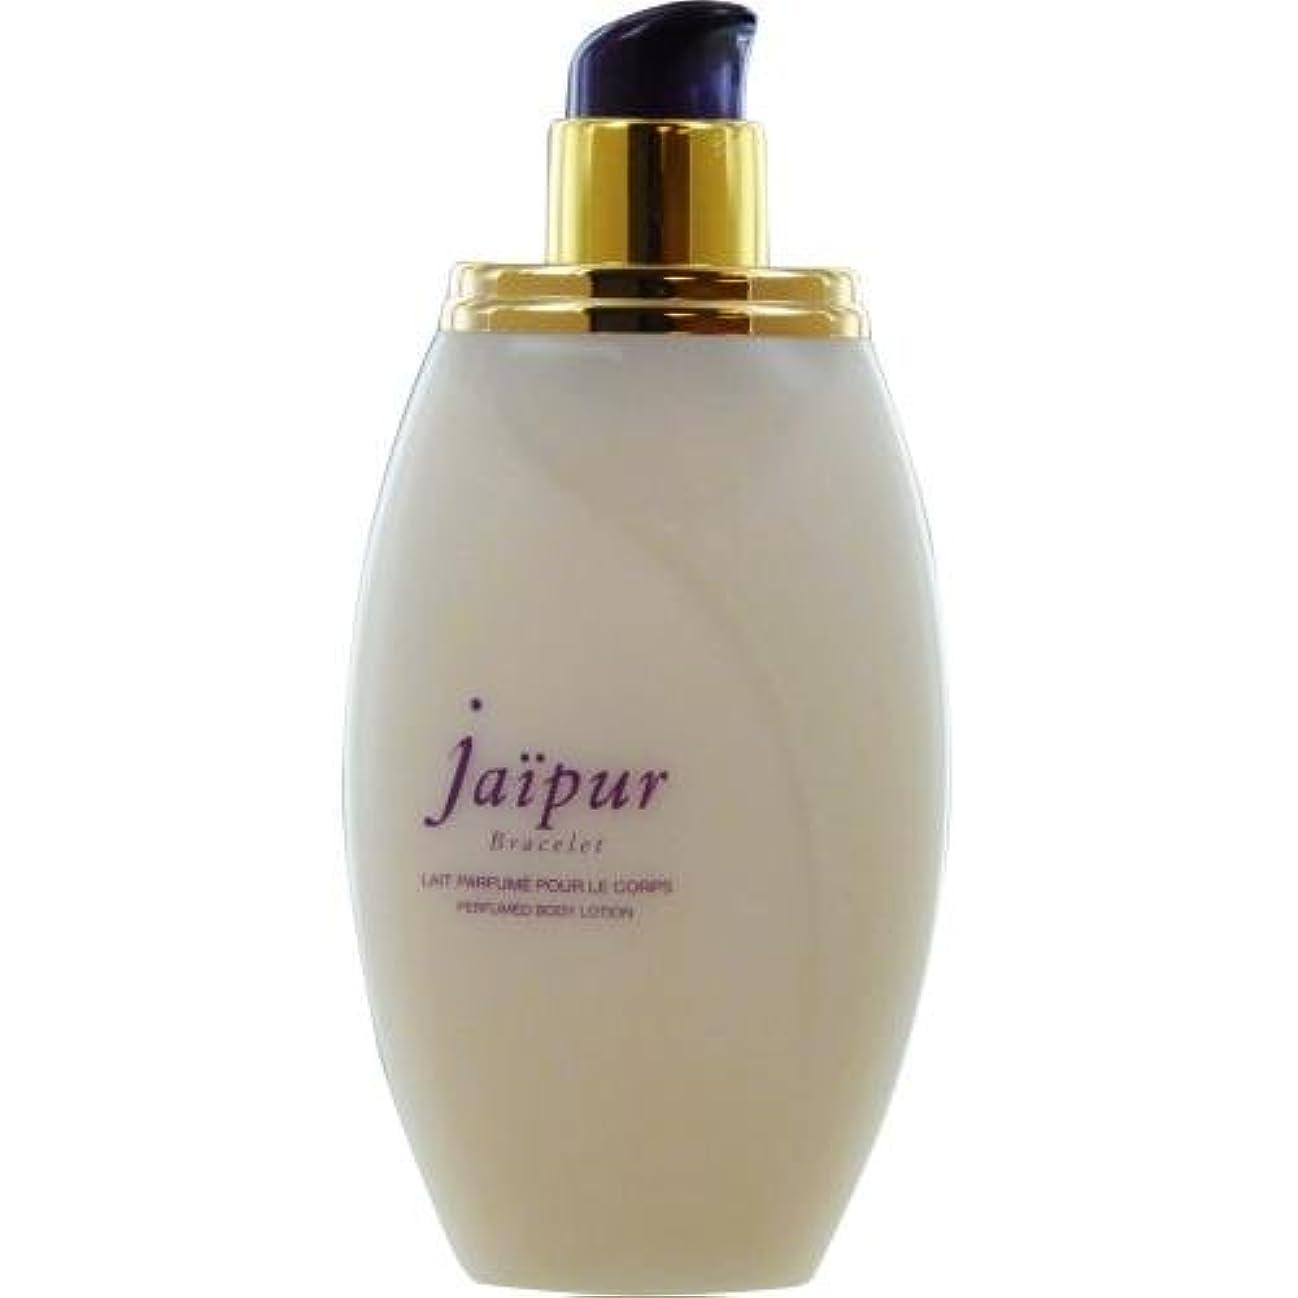 巧みなカメチャンバーJaipur Bracelet Perfumed Body Lotion